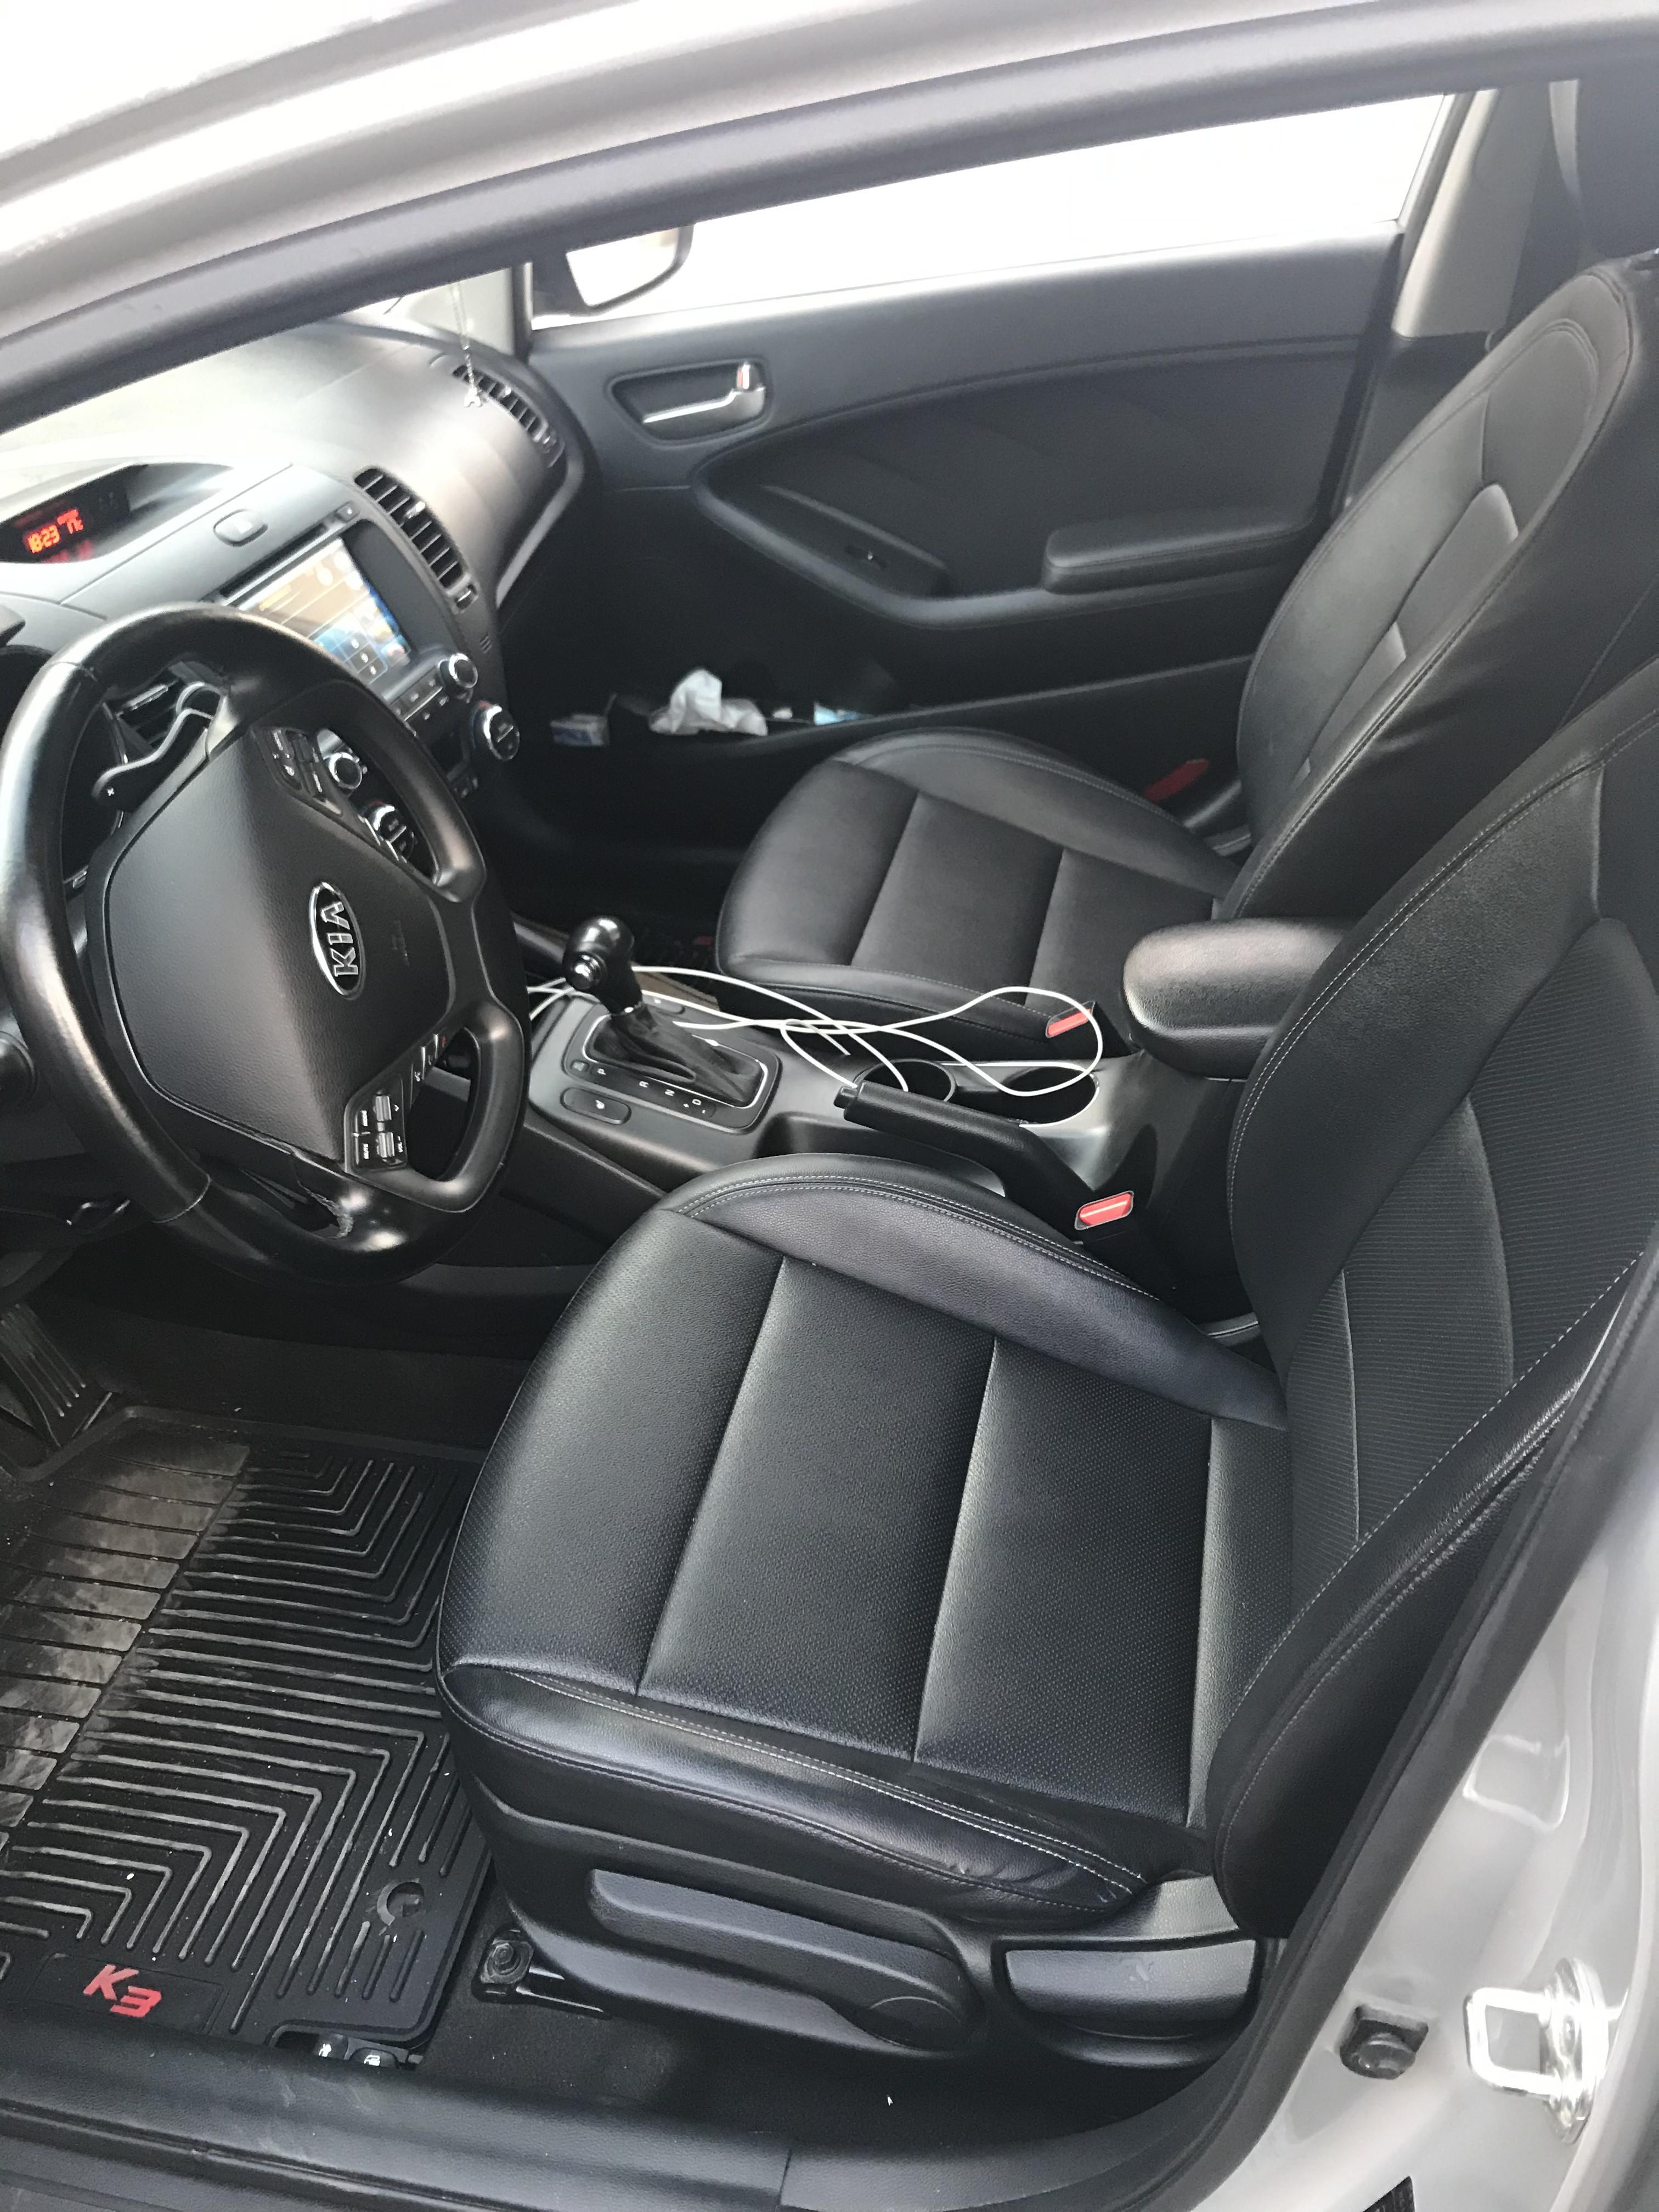 Kia Cerato 1.6(lt) 2014 Подержанный  $23200